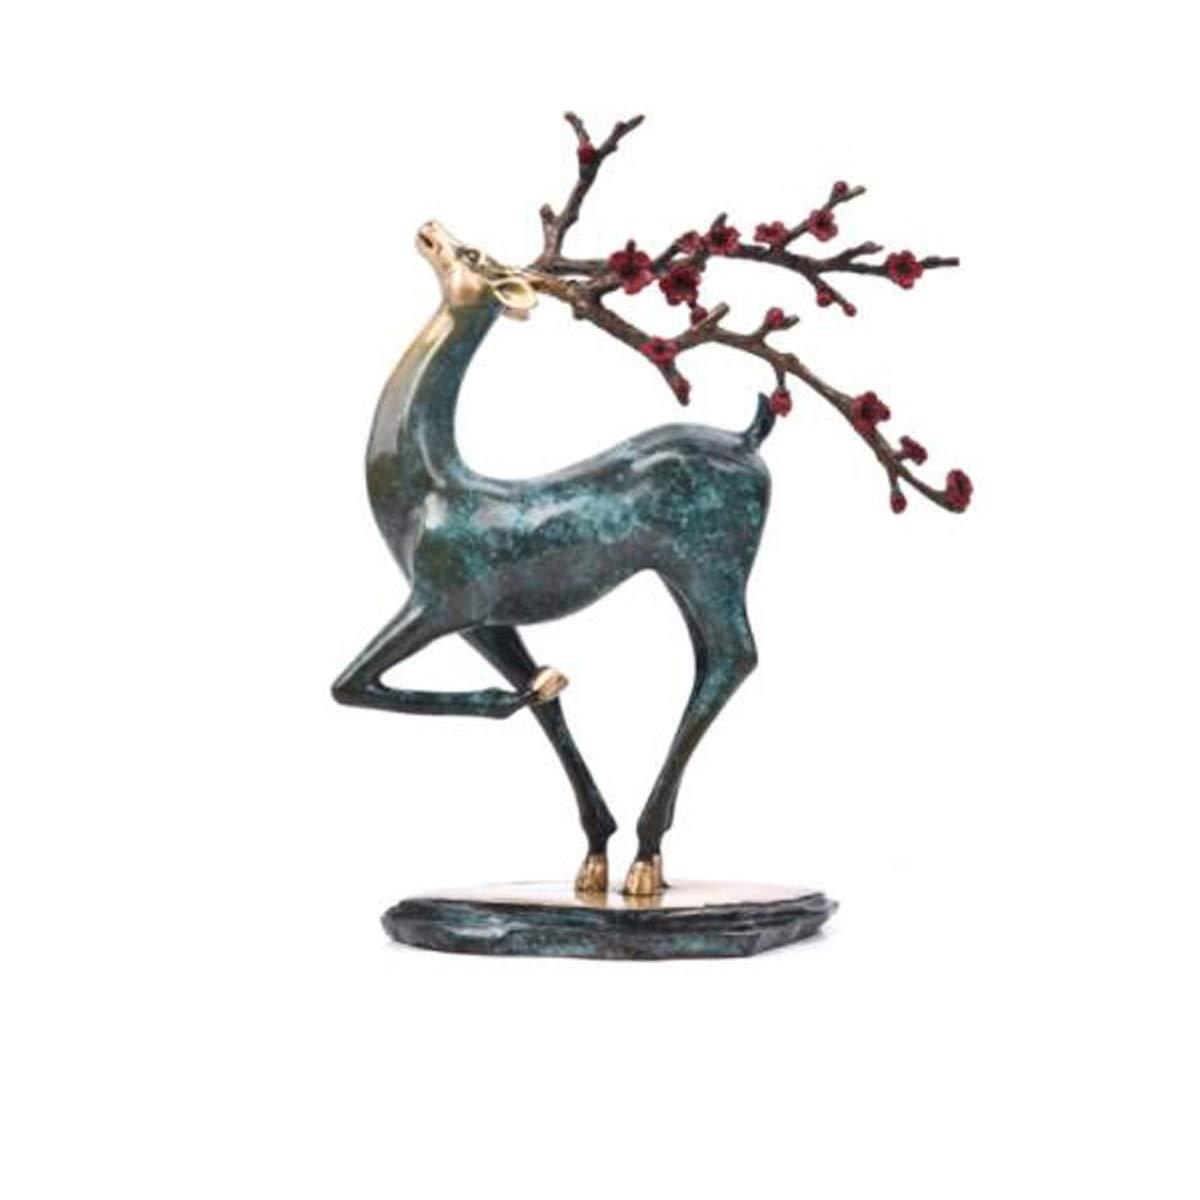 XIONGHAIZI 陶磁器の装飾品、純粋な銅のニホンジカの装飾品、新しい中国の家の居間の装飾、創造的な芸術および工芸品、オフィススタディの銅の家具、幸運を開くこと、新築祝いの贈り物、ギフトボックス (Color : Blue1) B07T4YBMX9 Blue1